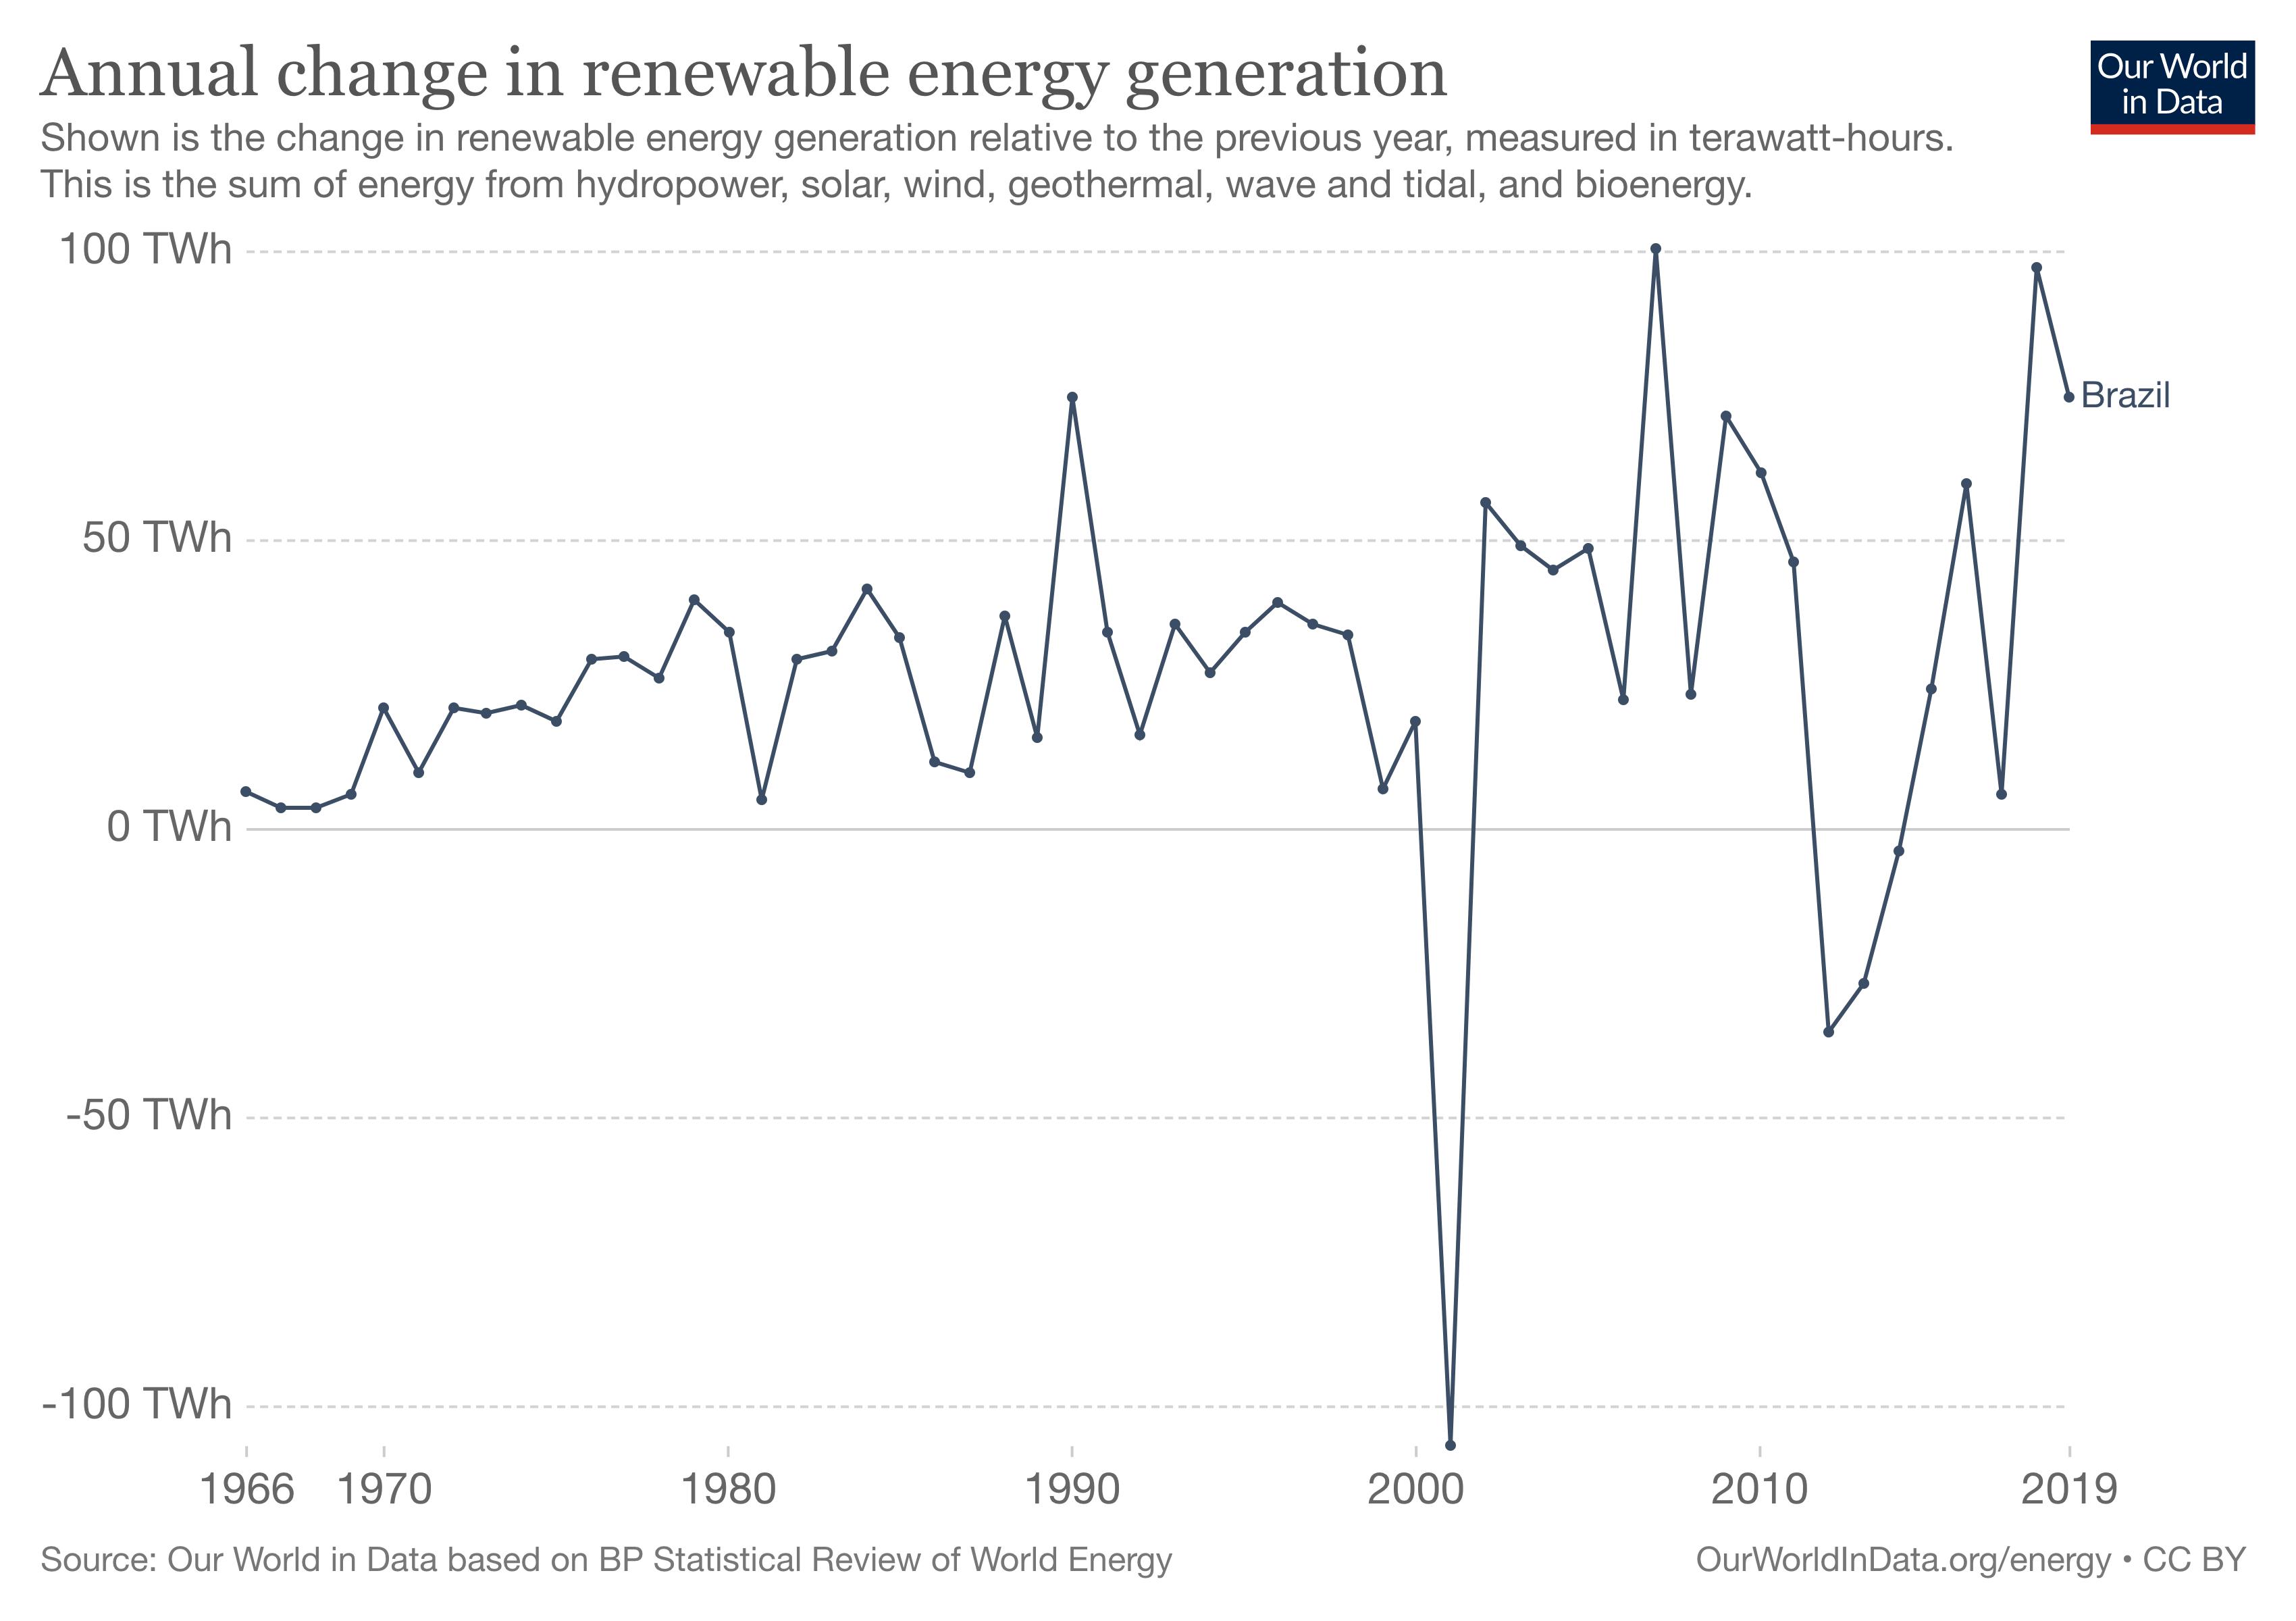 Brazil's renewable energy capacity is growing rapidly